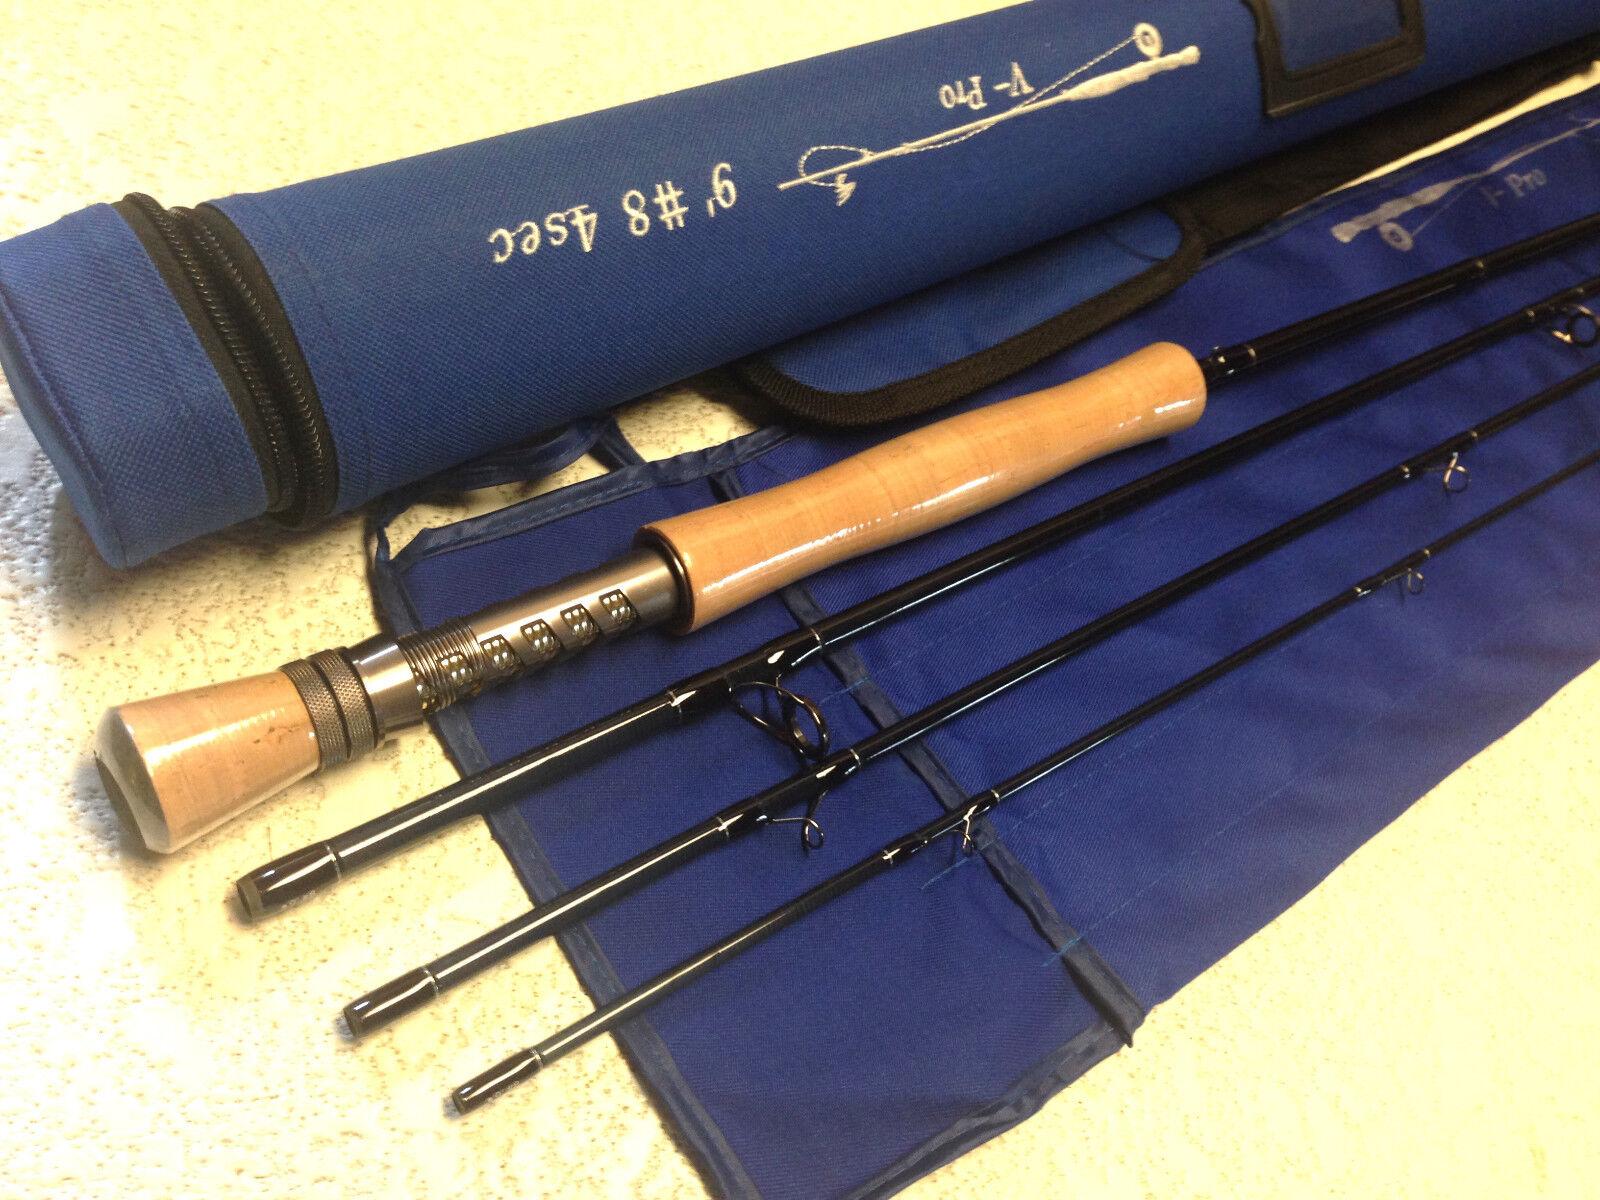 Mosca De Grafito V Pro Varilla 8 WT 9' 0  Tubo de 4 piezas de pesca IM10 Cordura